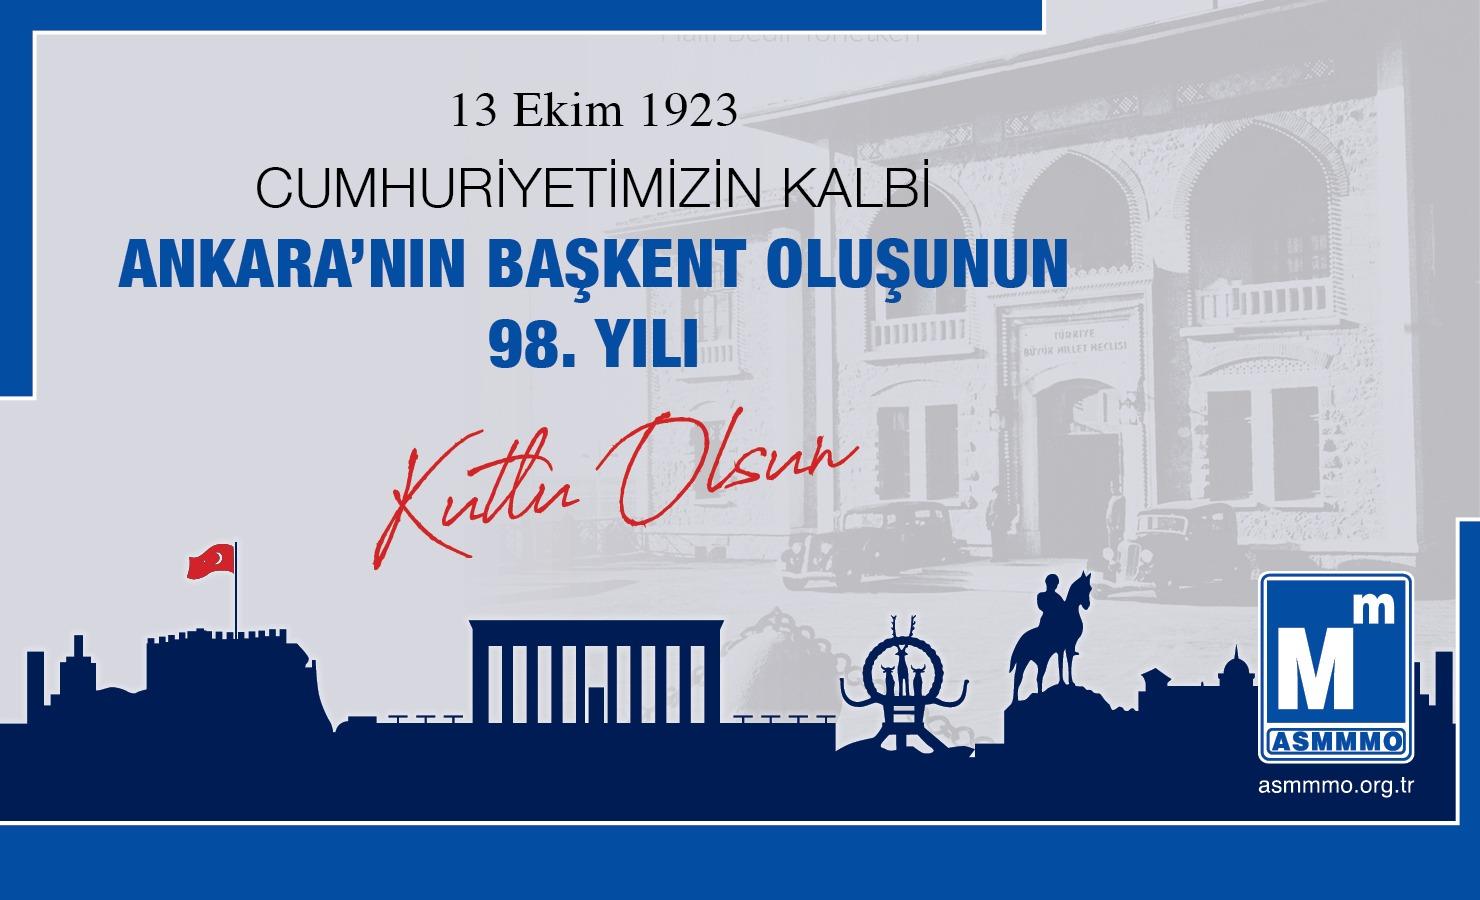 Ankara'nın Başkent Oluşunun 98. Yılı Kutlu Olsun